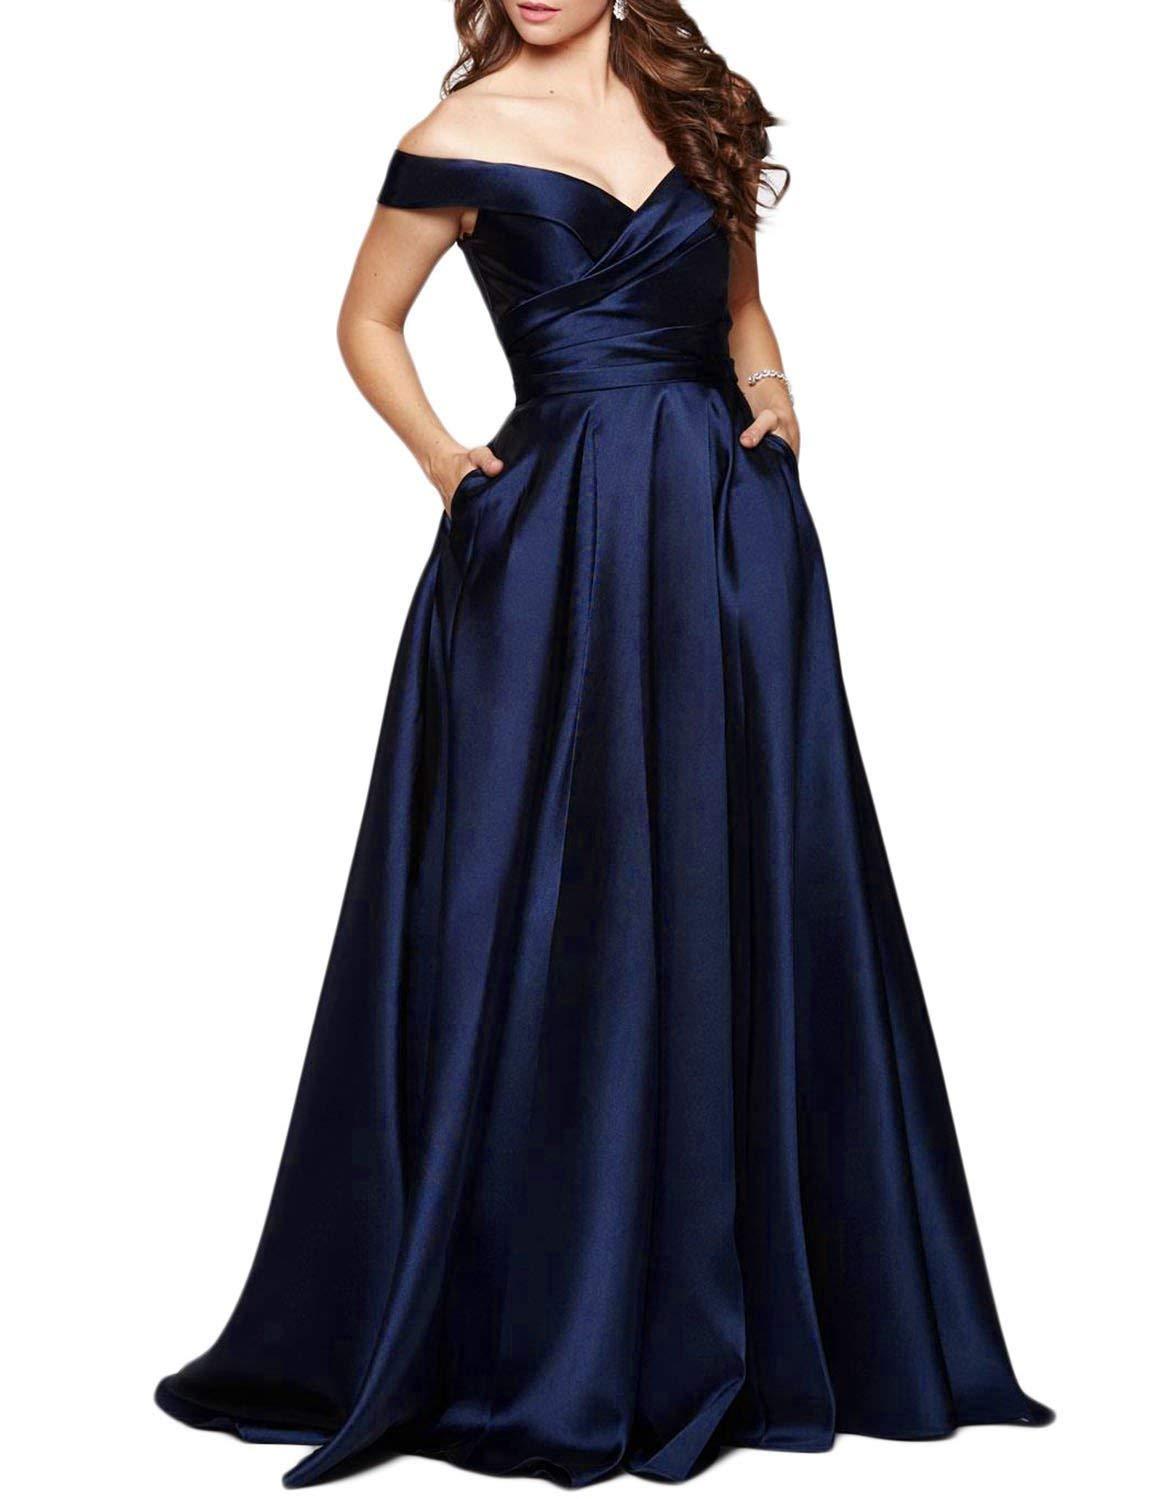 Off Shoulder Prom Evening Dress